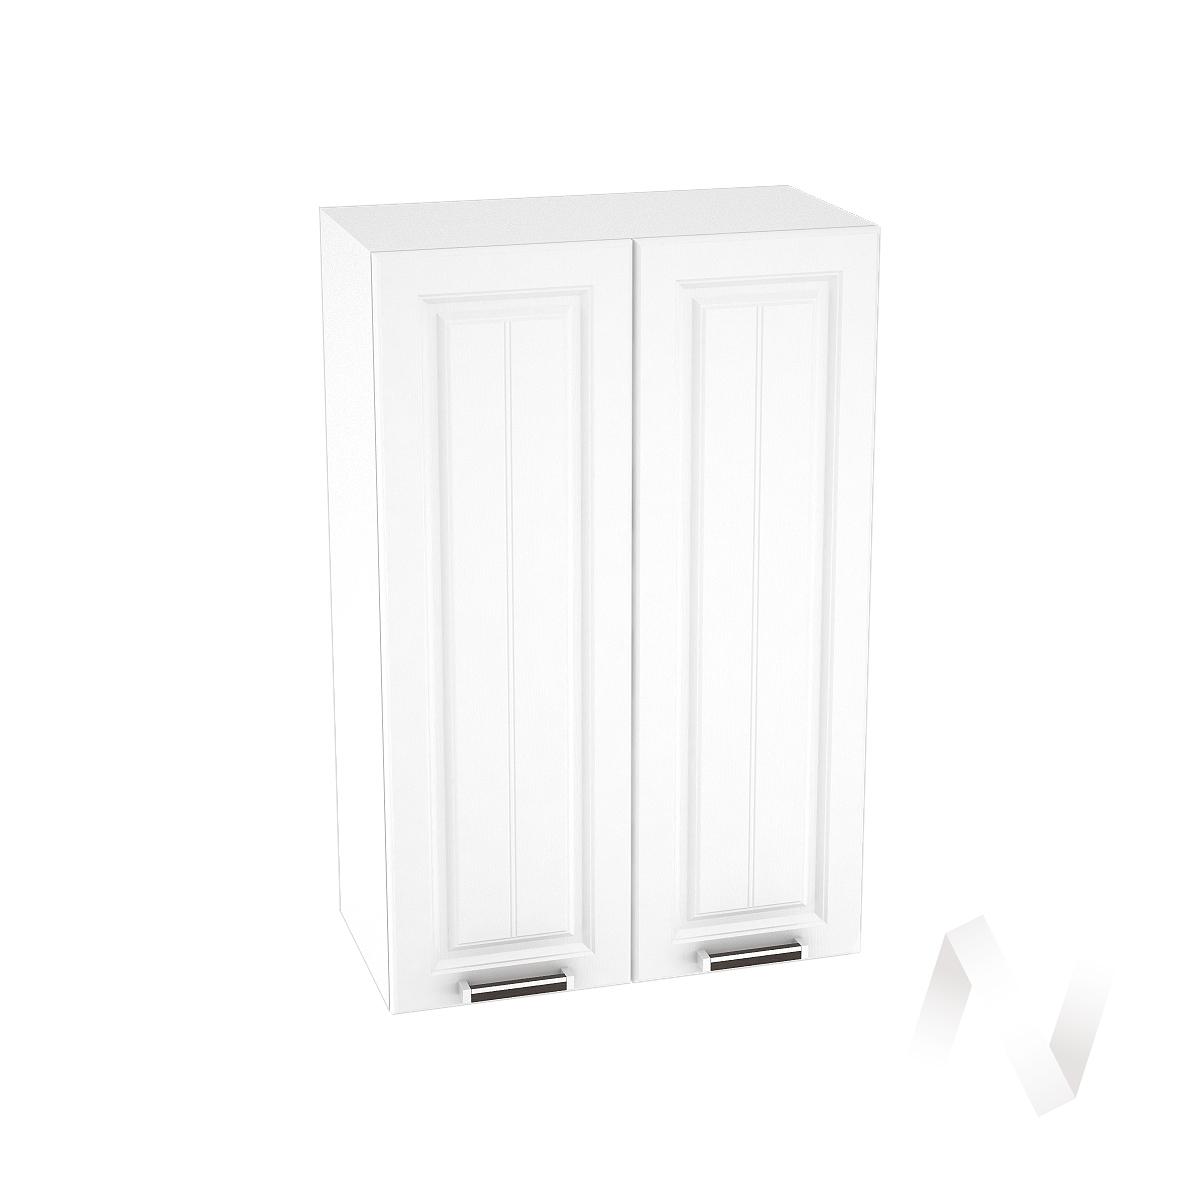 """Кухня """"Прага"""": Шкаф верхний 609, ШВ 609 новый (белое дерево/корпус белый)"""